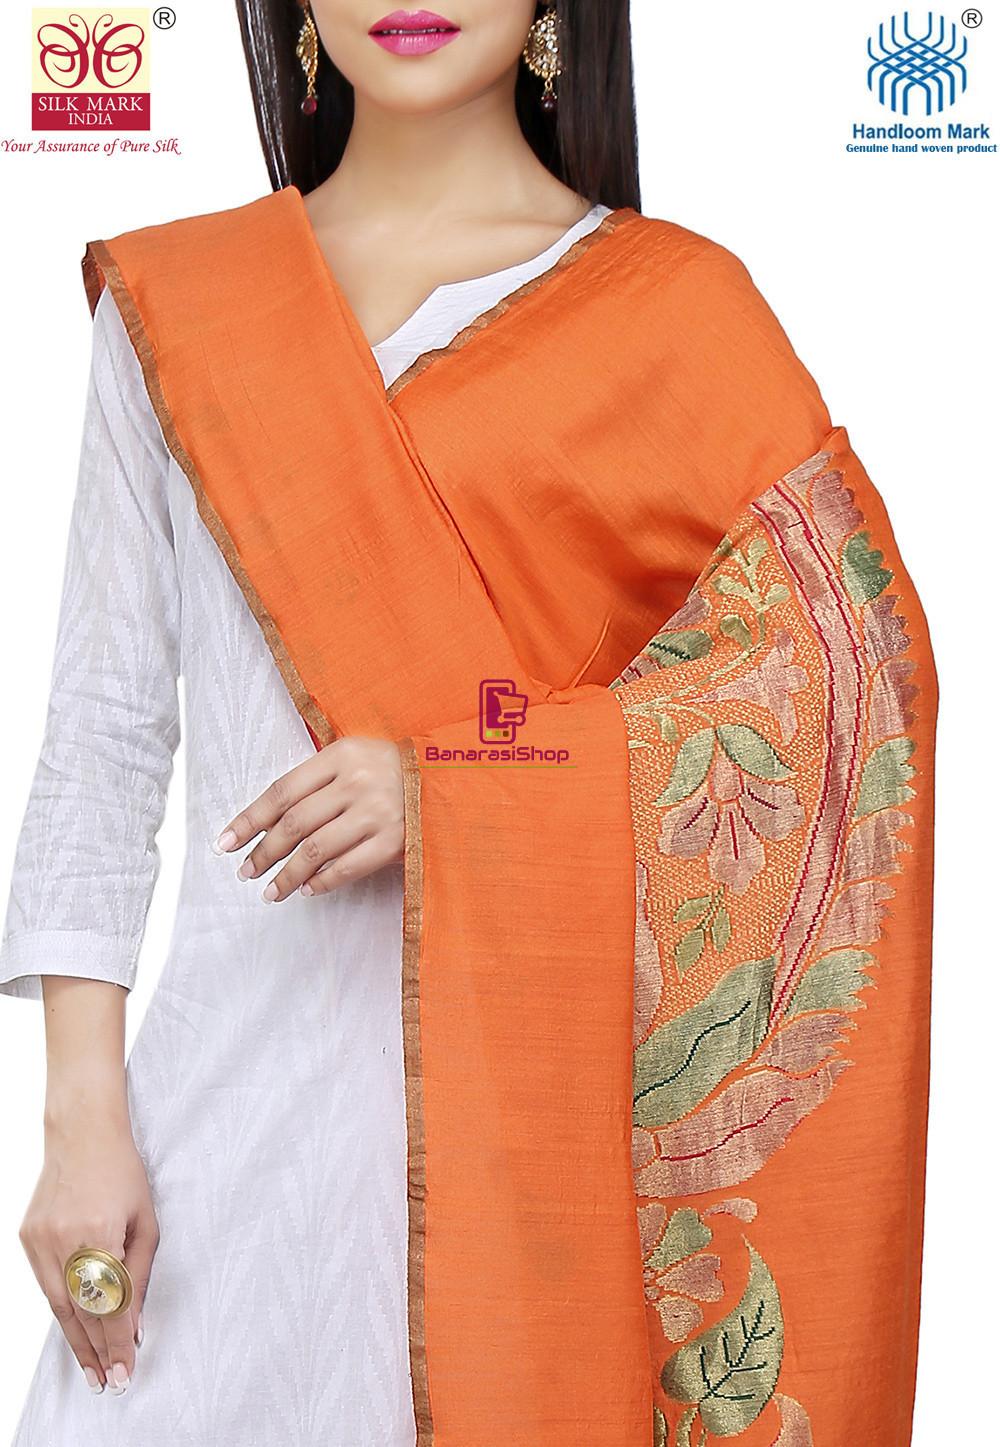 Handloom Banarasi Pure Muga Silk Dupatta in Orange 2